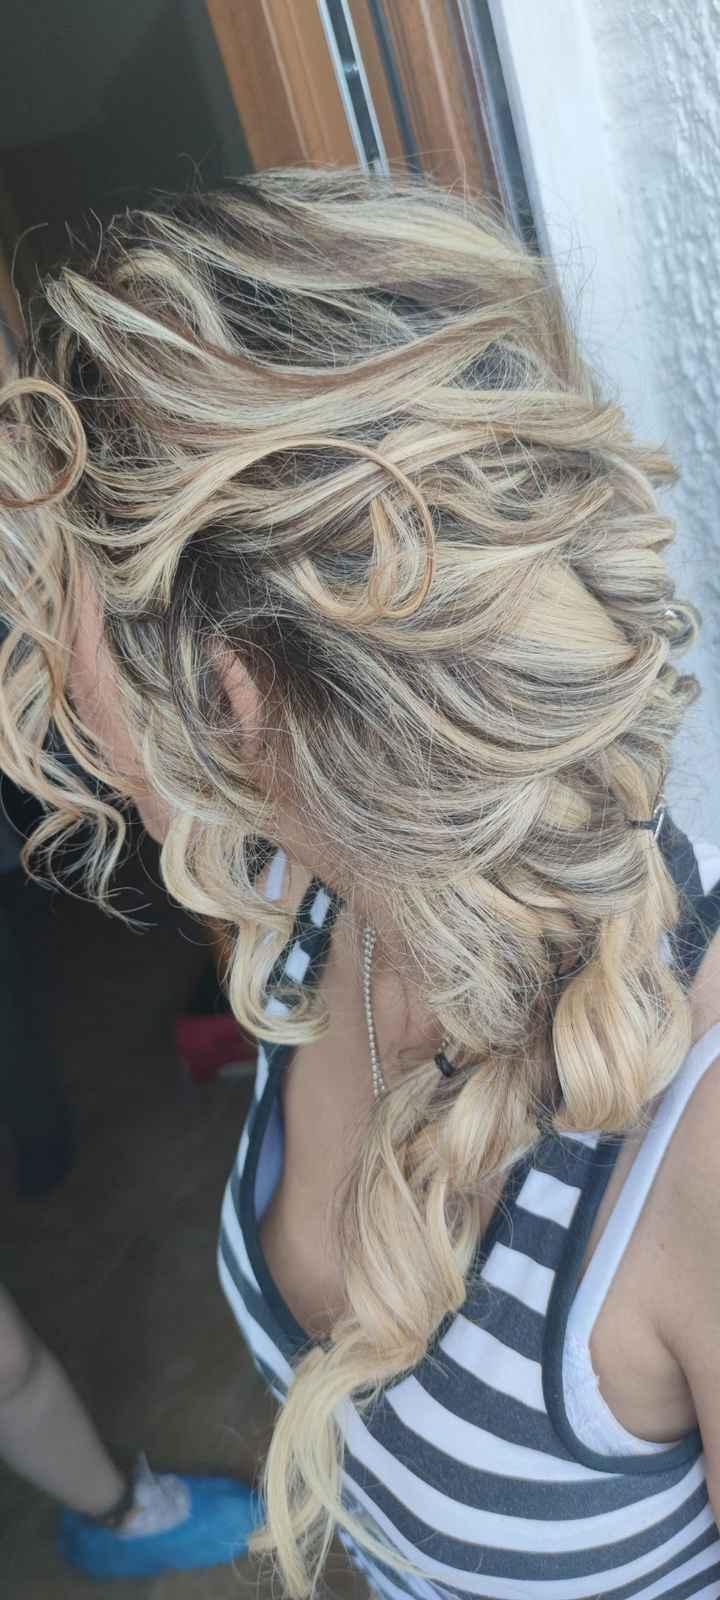 Prova trucco e capelli 😍 - 4